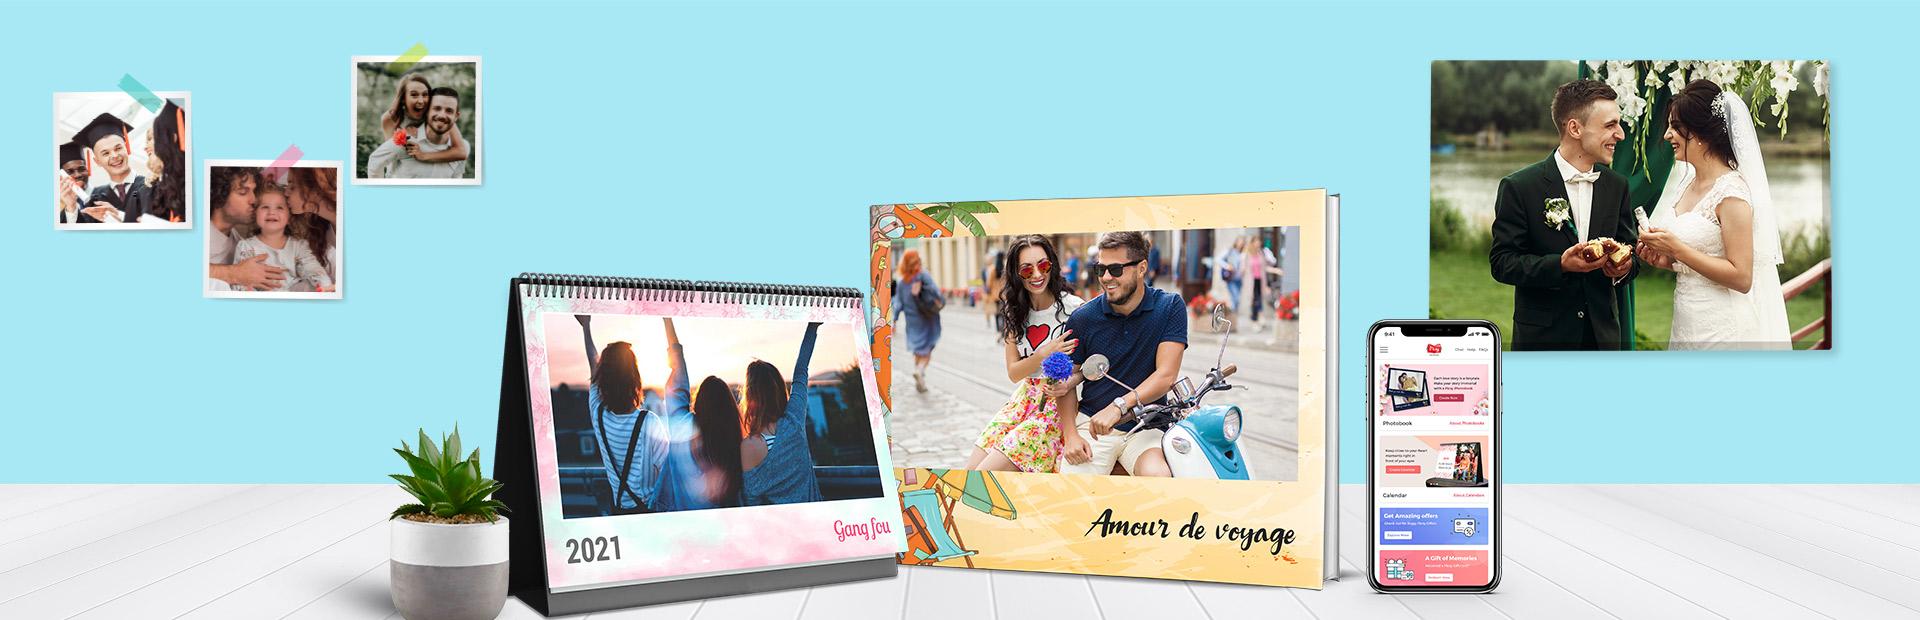 Cadeaux photo Picsy - Livre photo, calendrier photo, tirages photo